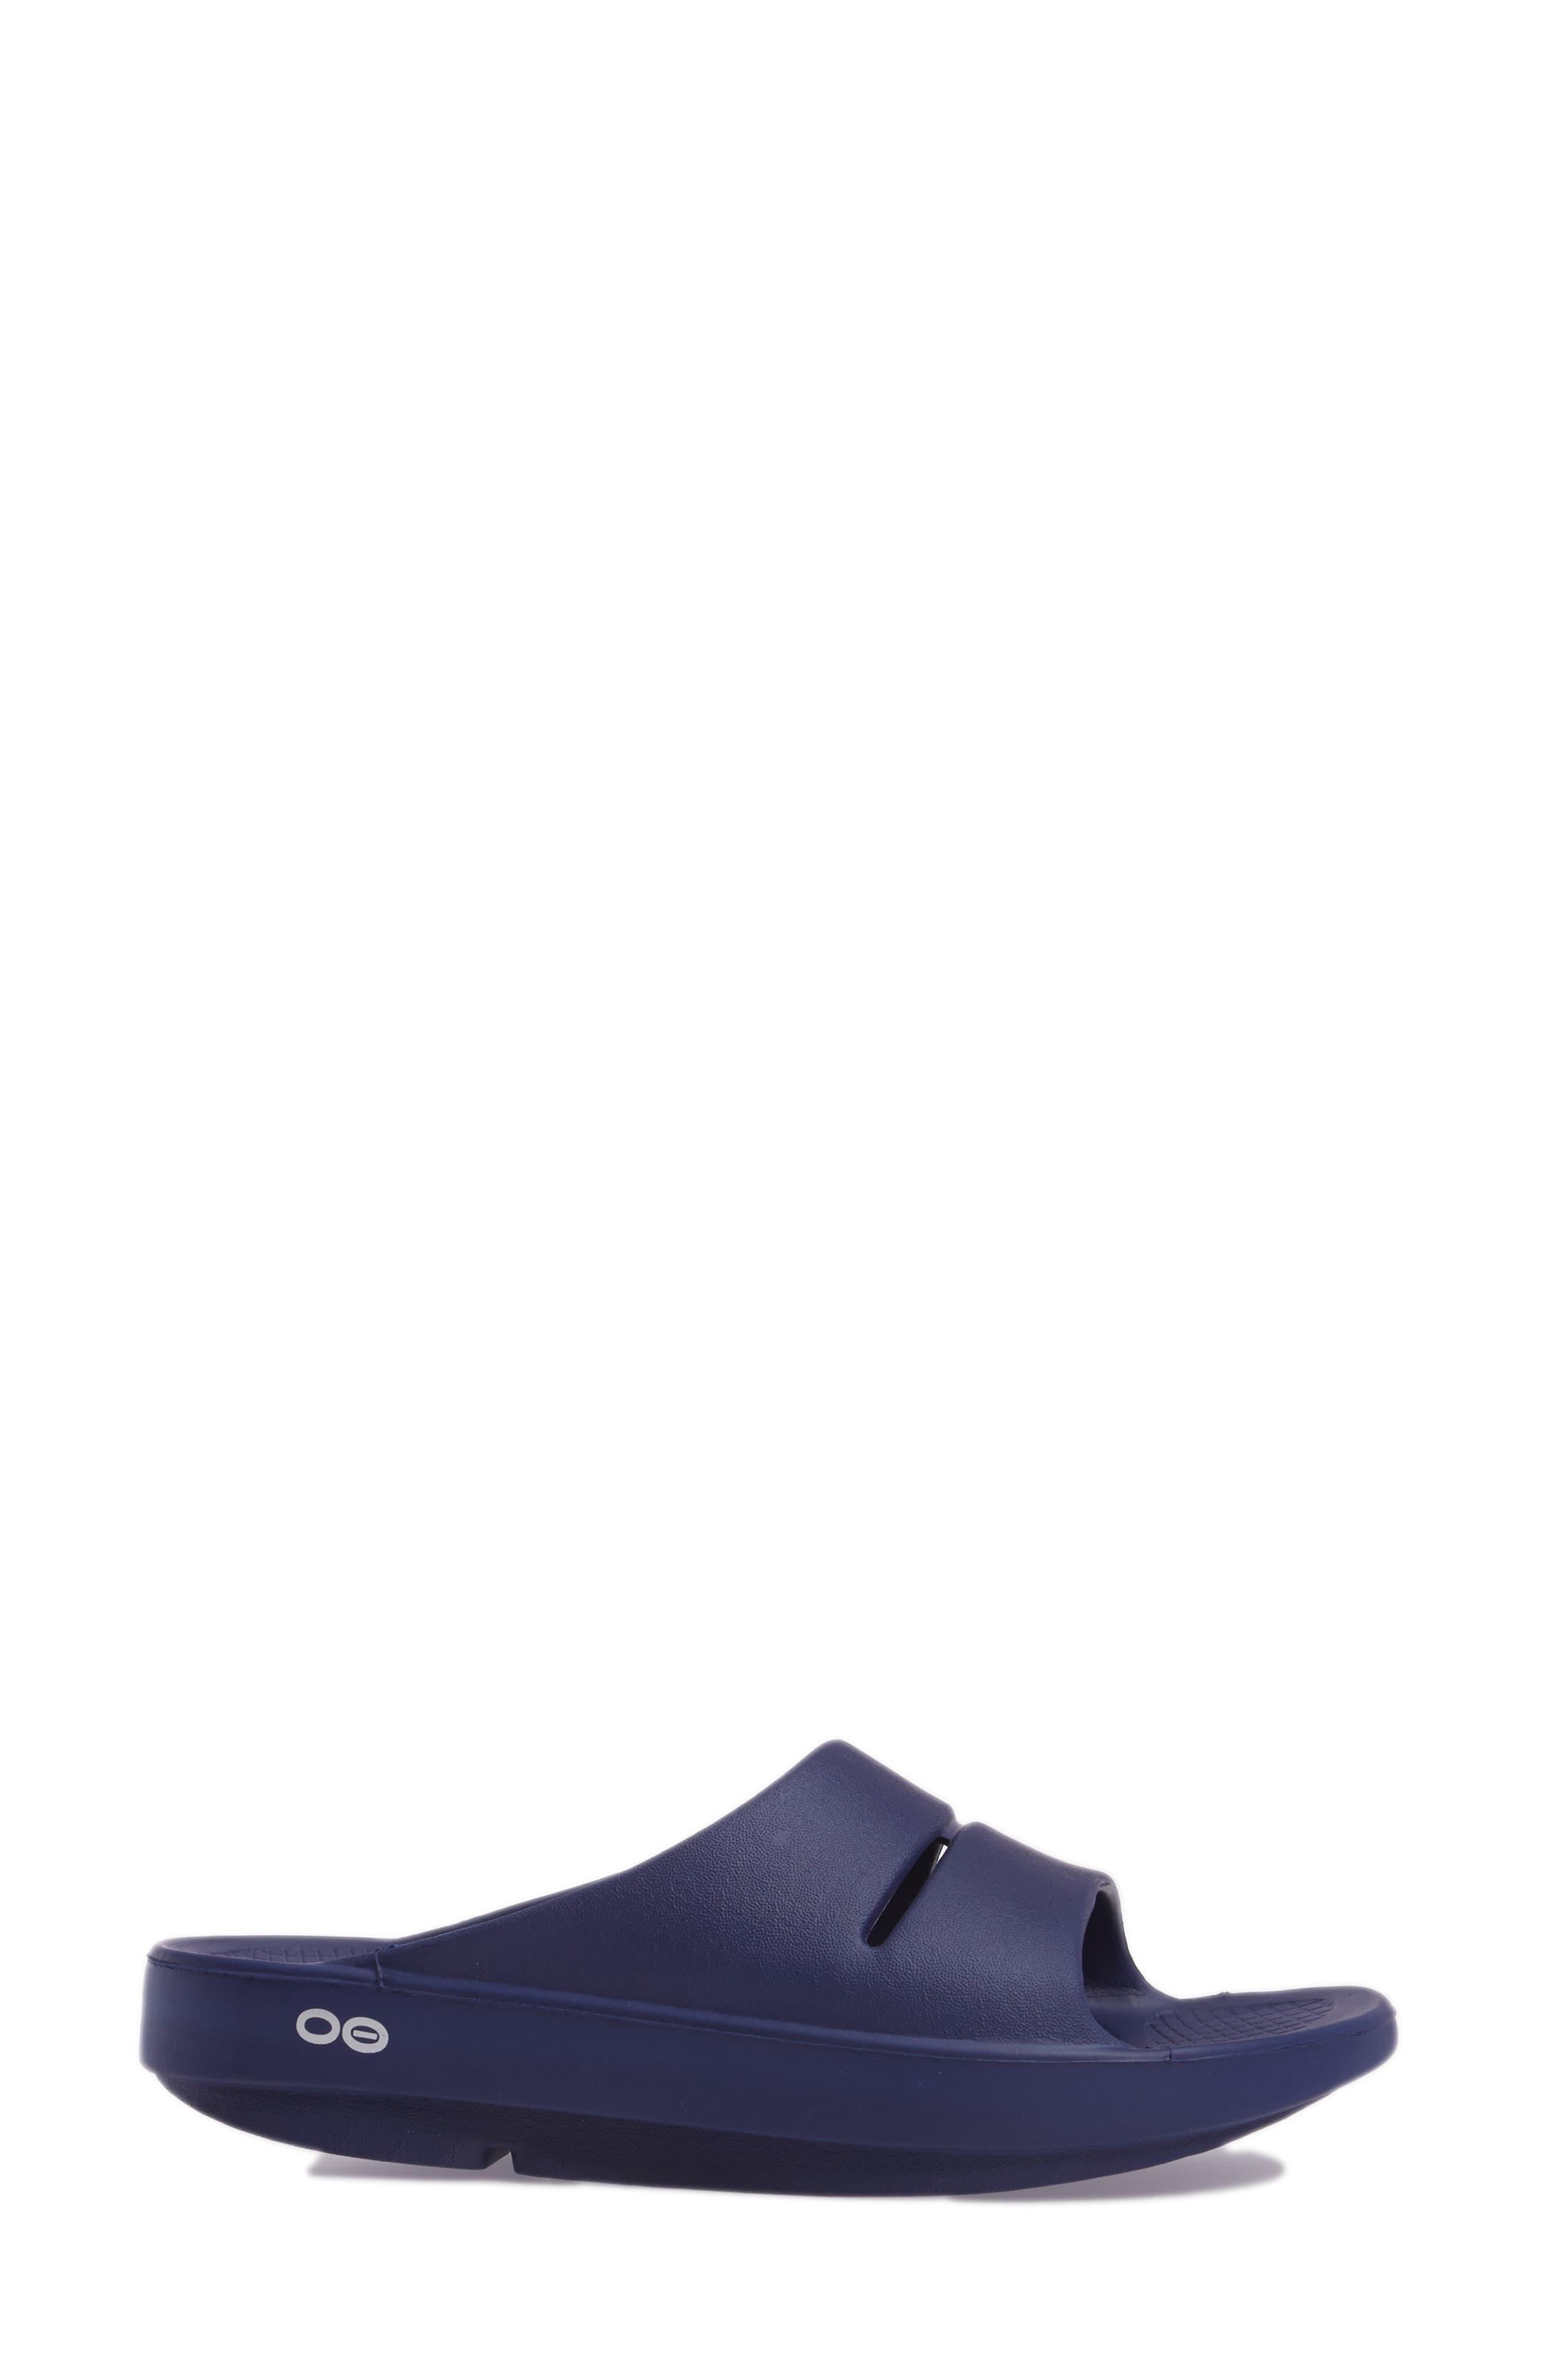 Alternate Image 3  - Oofos OOahh Slide Sandal (Women)